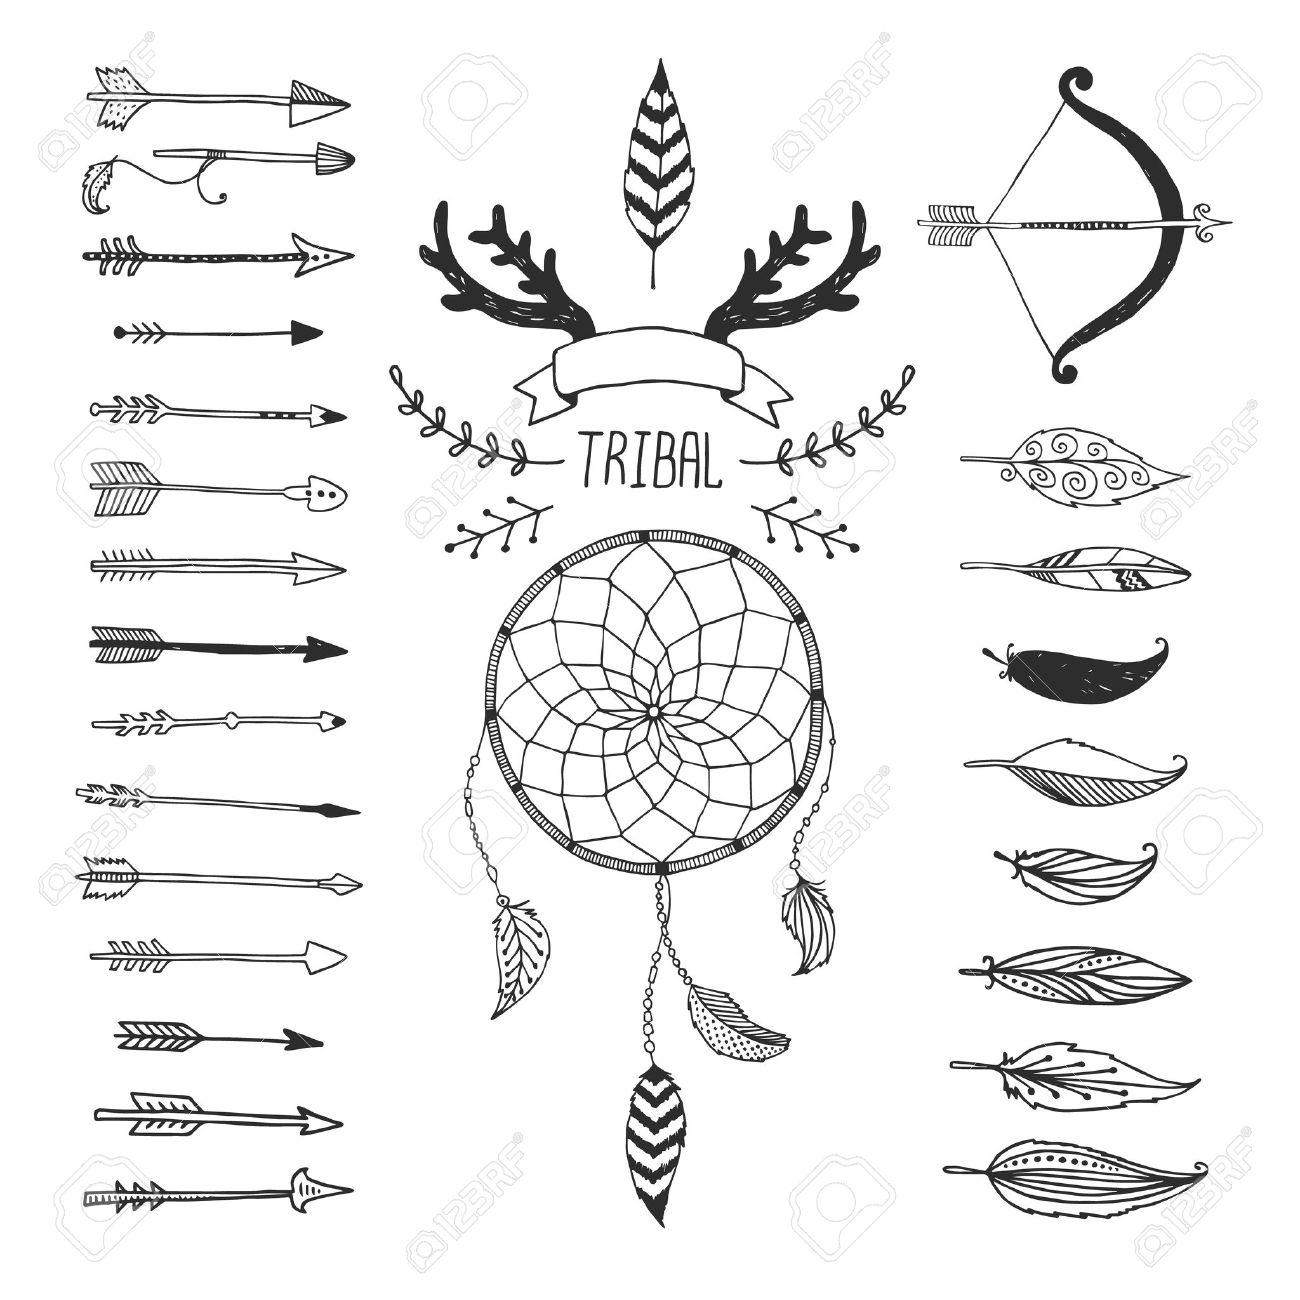 Ancient Arrow Drawing Aztec Symbols Arrows